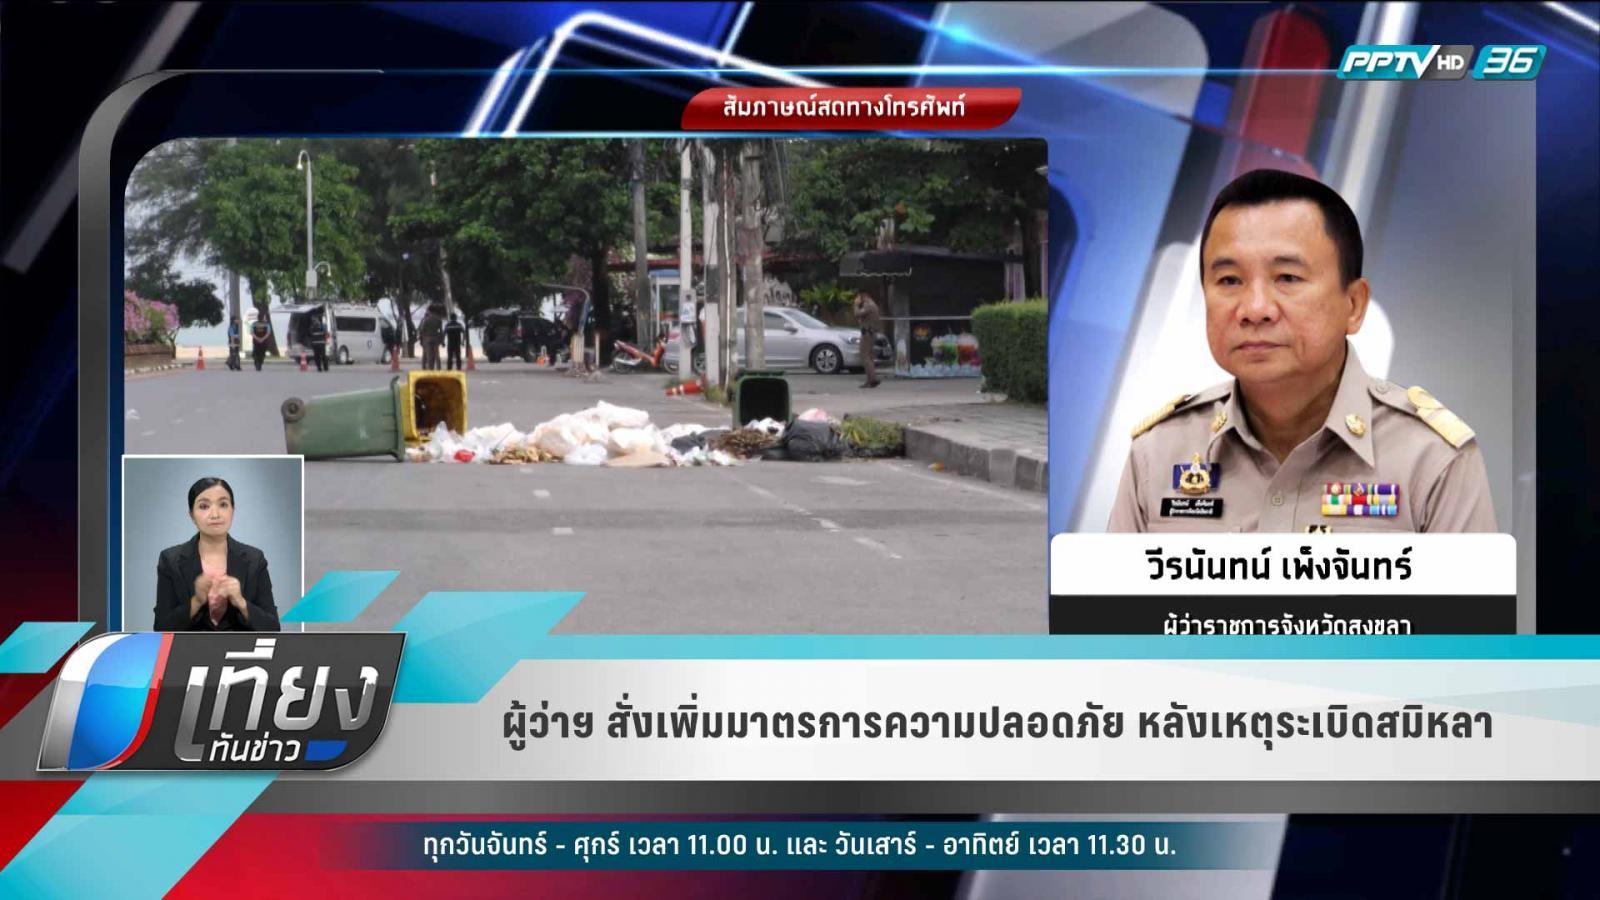 ผู้ว่าฯ สั่งเพิ่มมาตรการความปลอดภัย หลังเหตุระเบิดสมิหลา